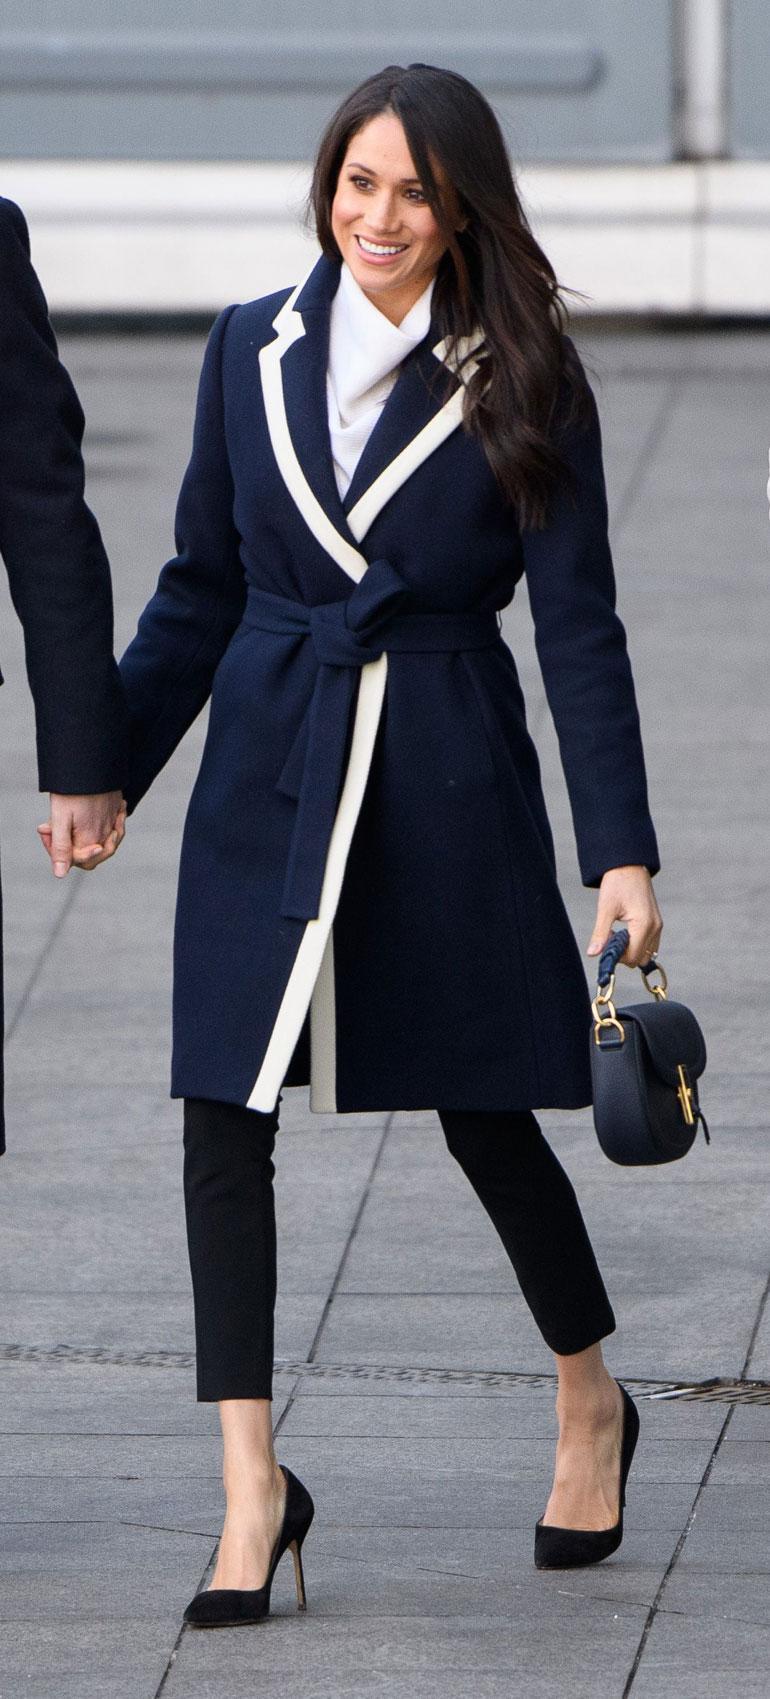 Naistenpäivänä (8.3.) Meghan nähtiin J. Crewn tyylikkäässä sinivalkoisessa villakangastakissa.